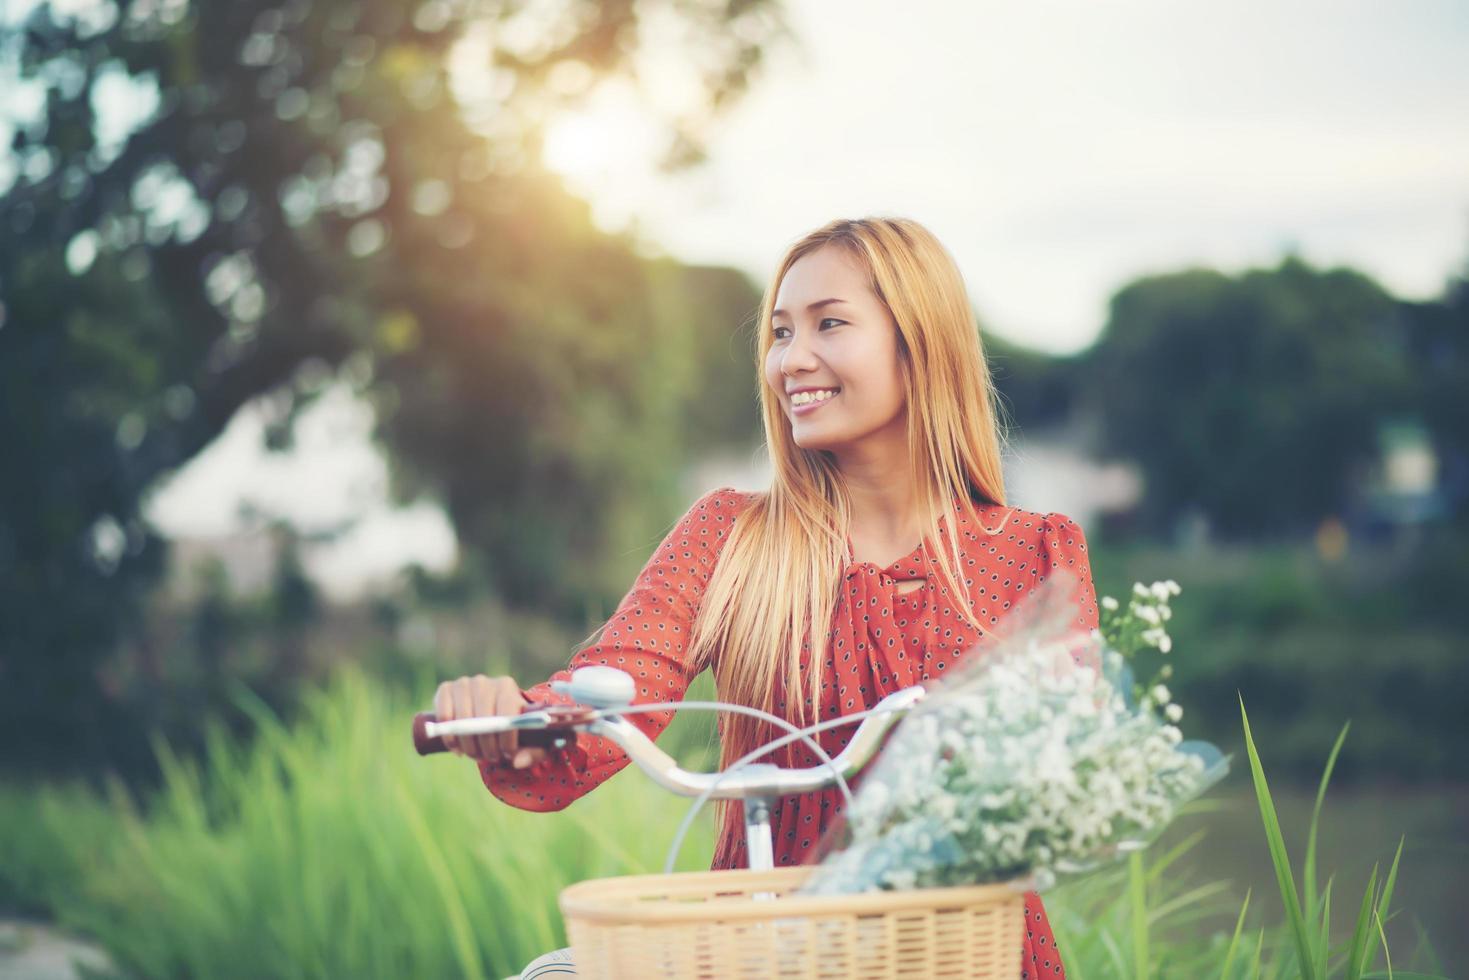 jeune femme asiatique, faire du vélo dans un parc photo